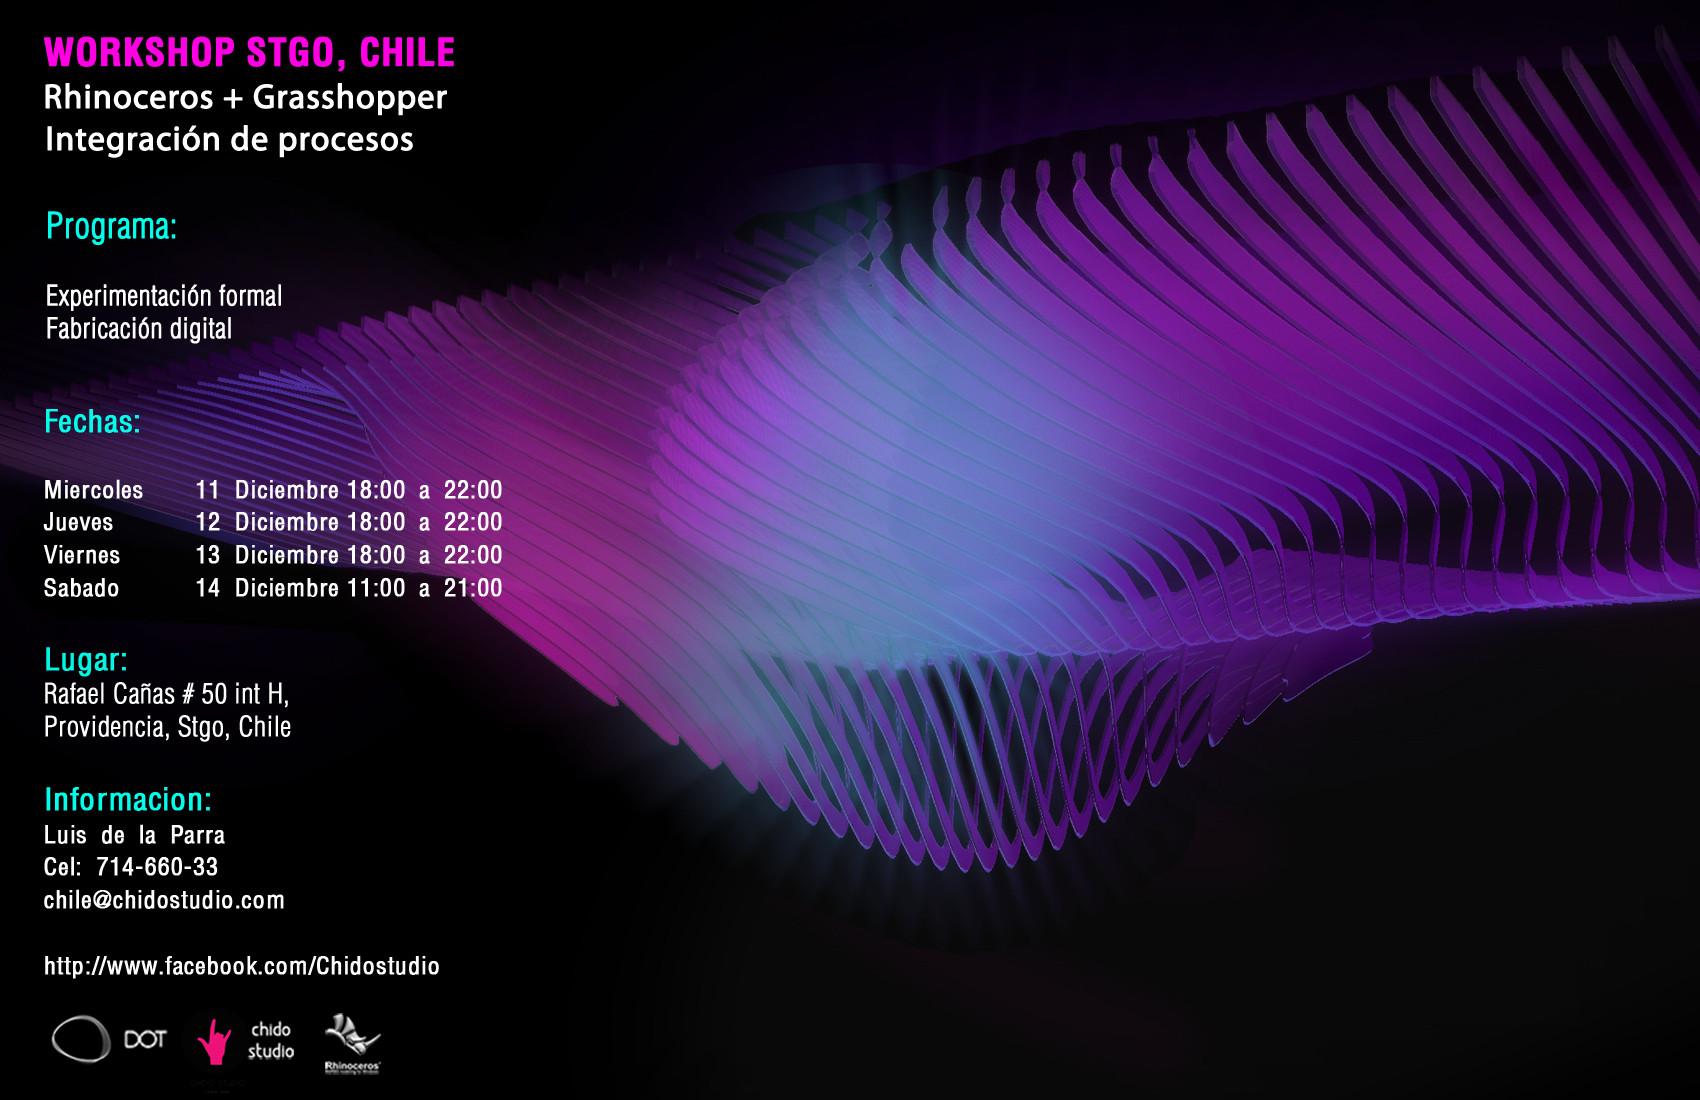 Workshop Rhinoceros + Grasshopper / Integración de Procesos / Chido Studio [¡Sorteamos un Cupo!]